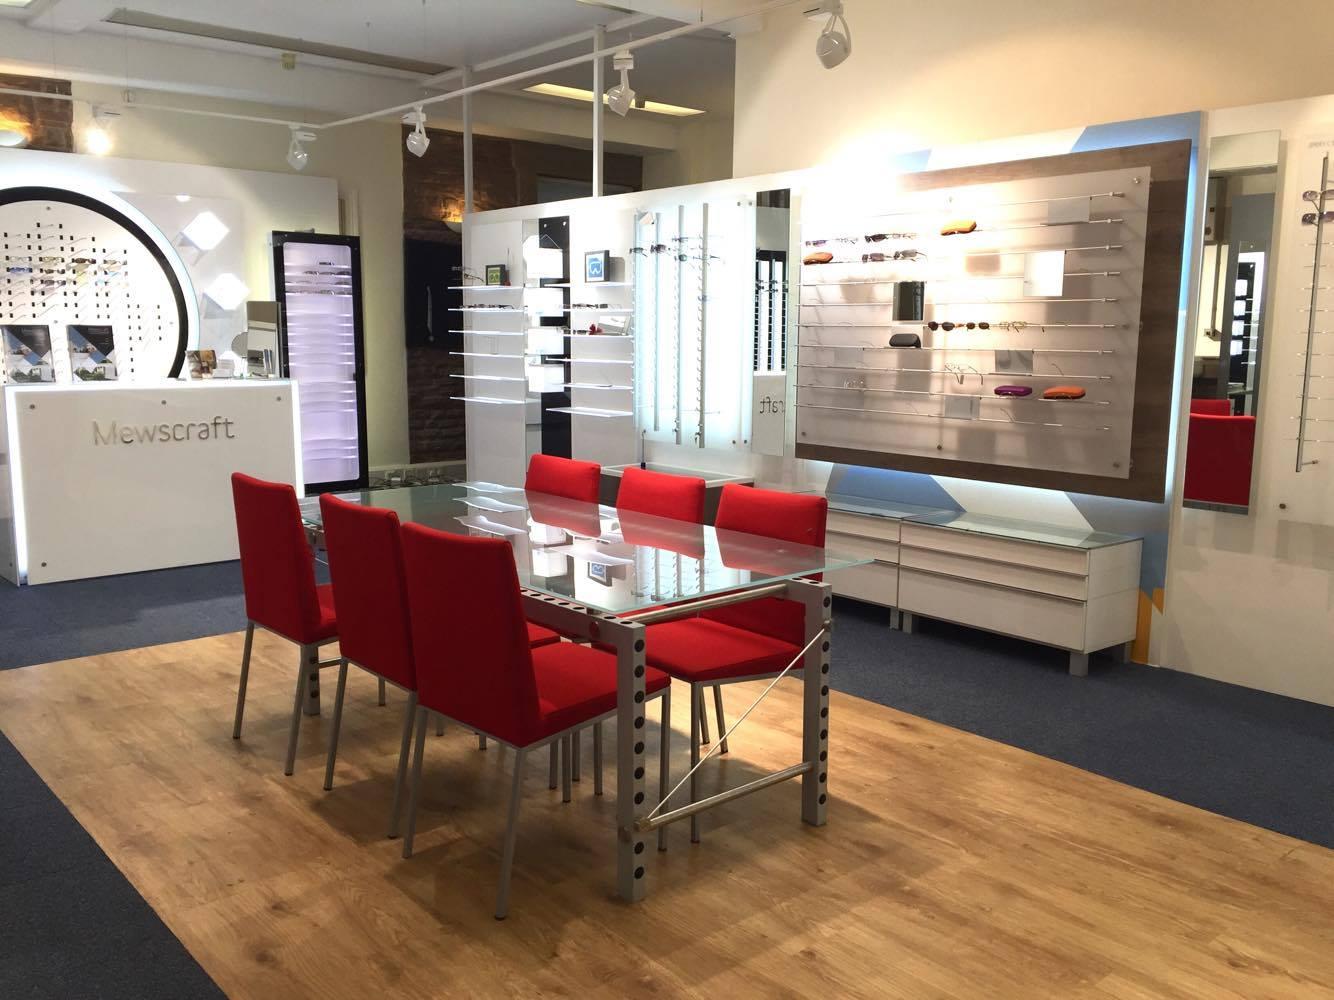 Mewscraft's new showroom opens its doors